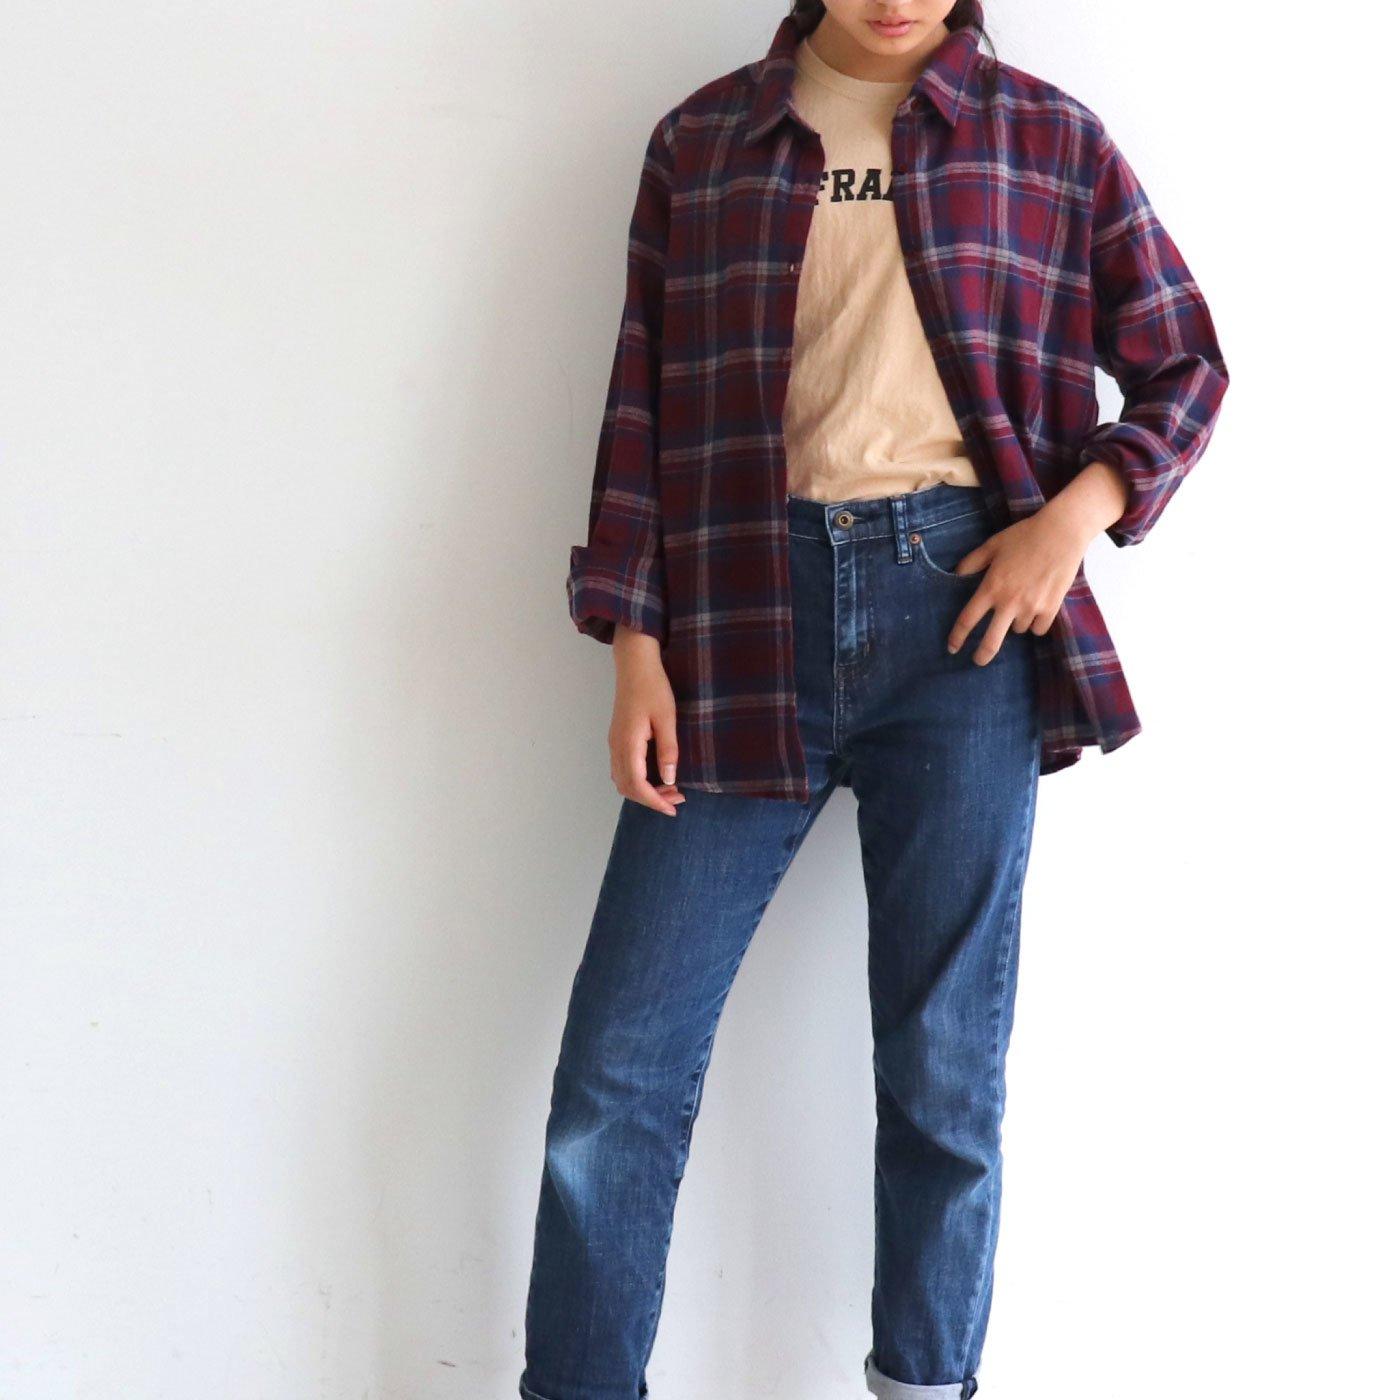 クローゼットカプリ ネル素材がかわいい 大人カラーミックスの先染めチェックシャツ